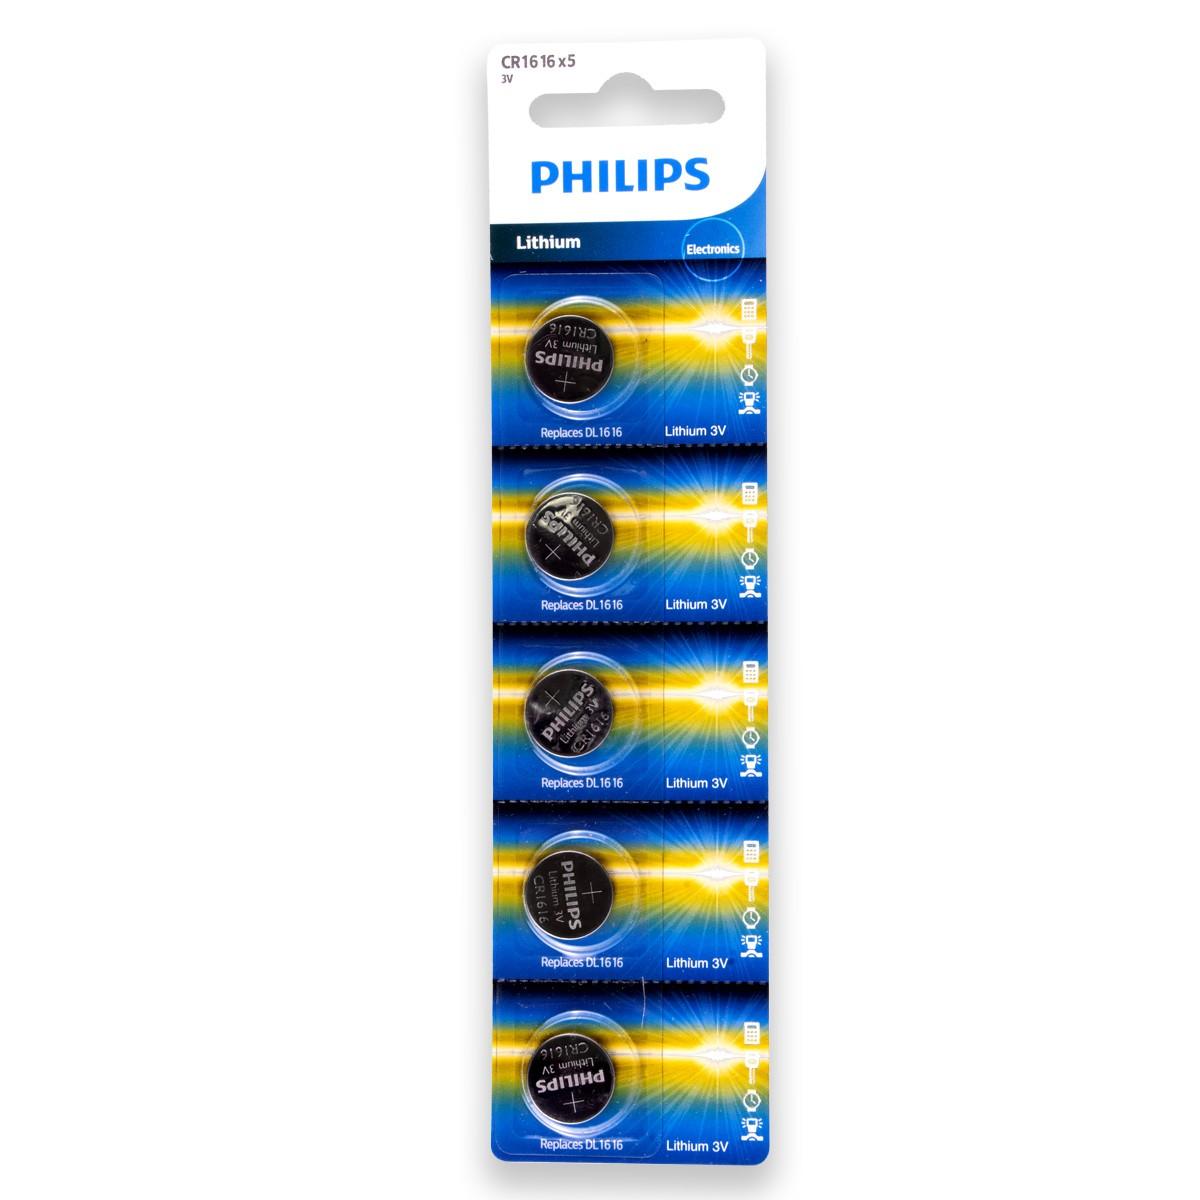 10 Pilhas PHILIPS CR1616 3v Bateria Original - 2 cartelas